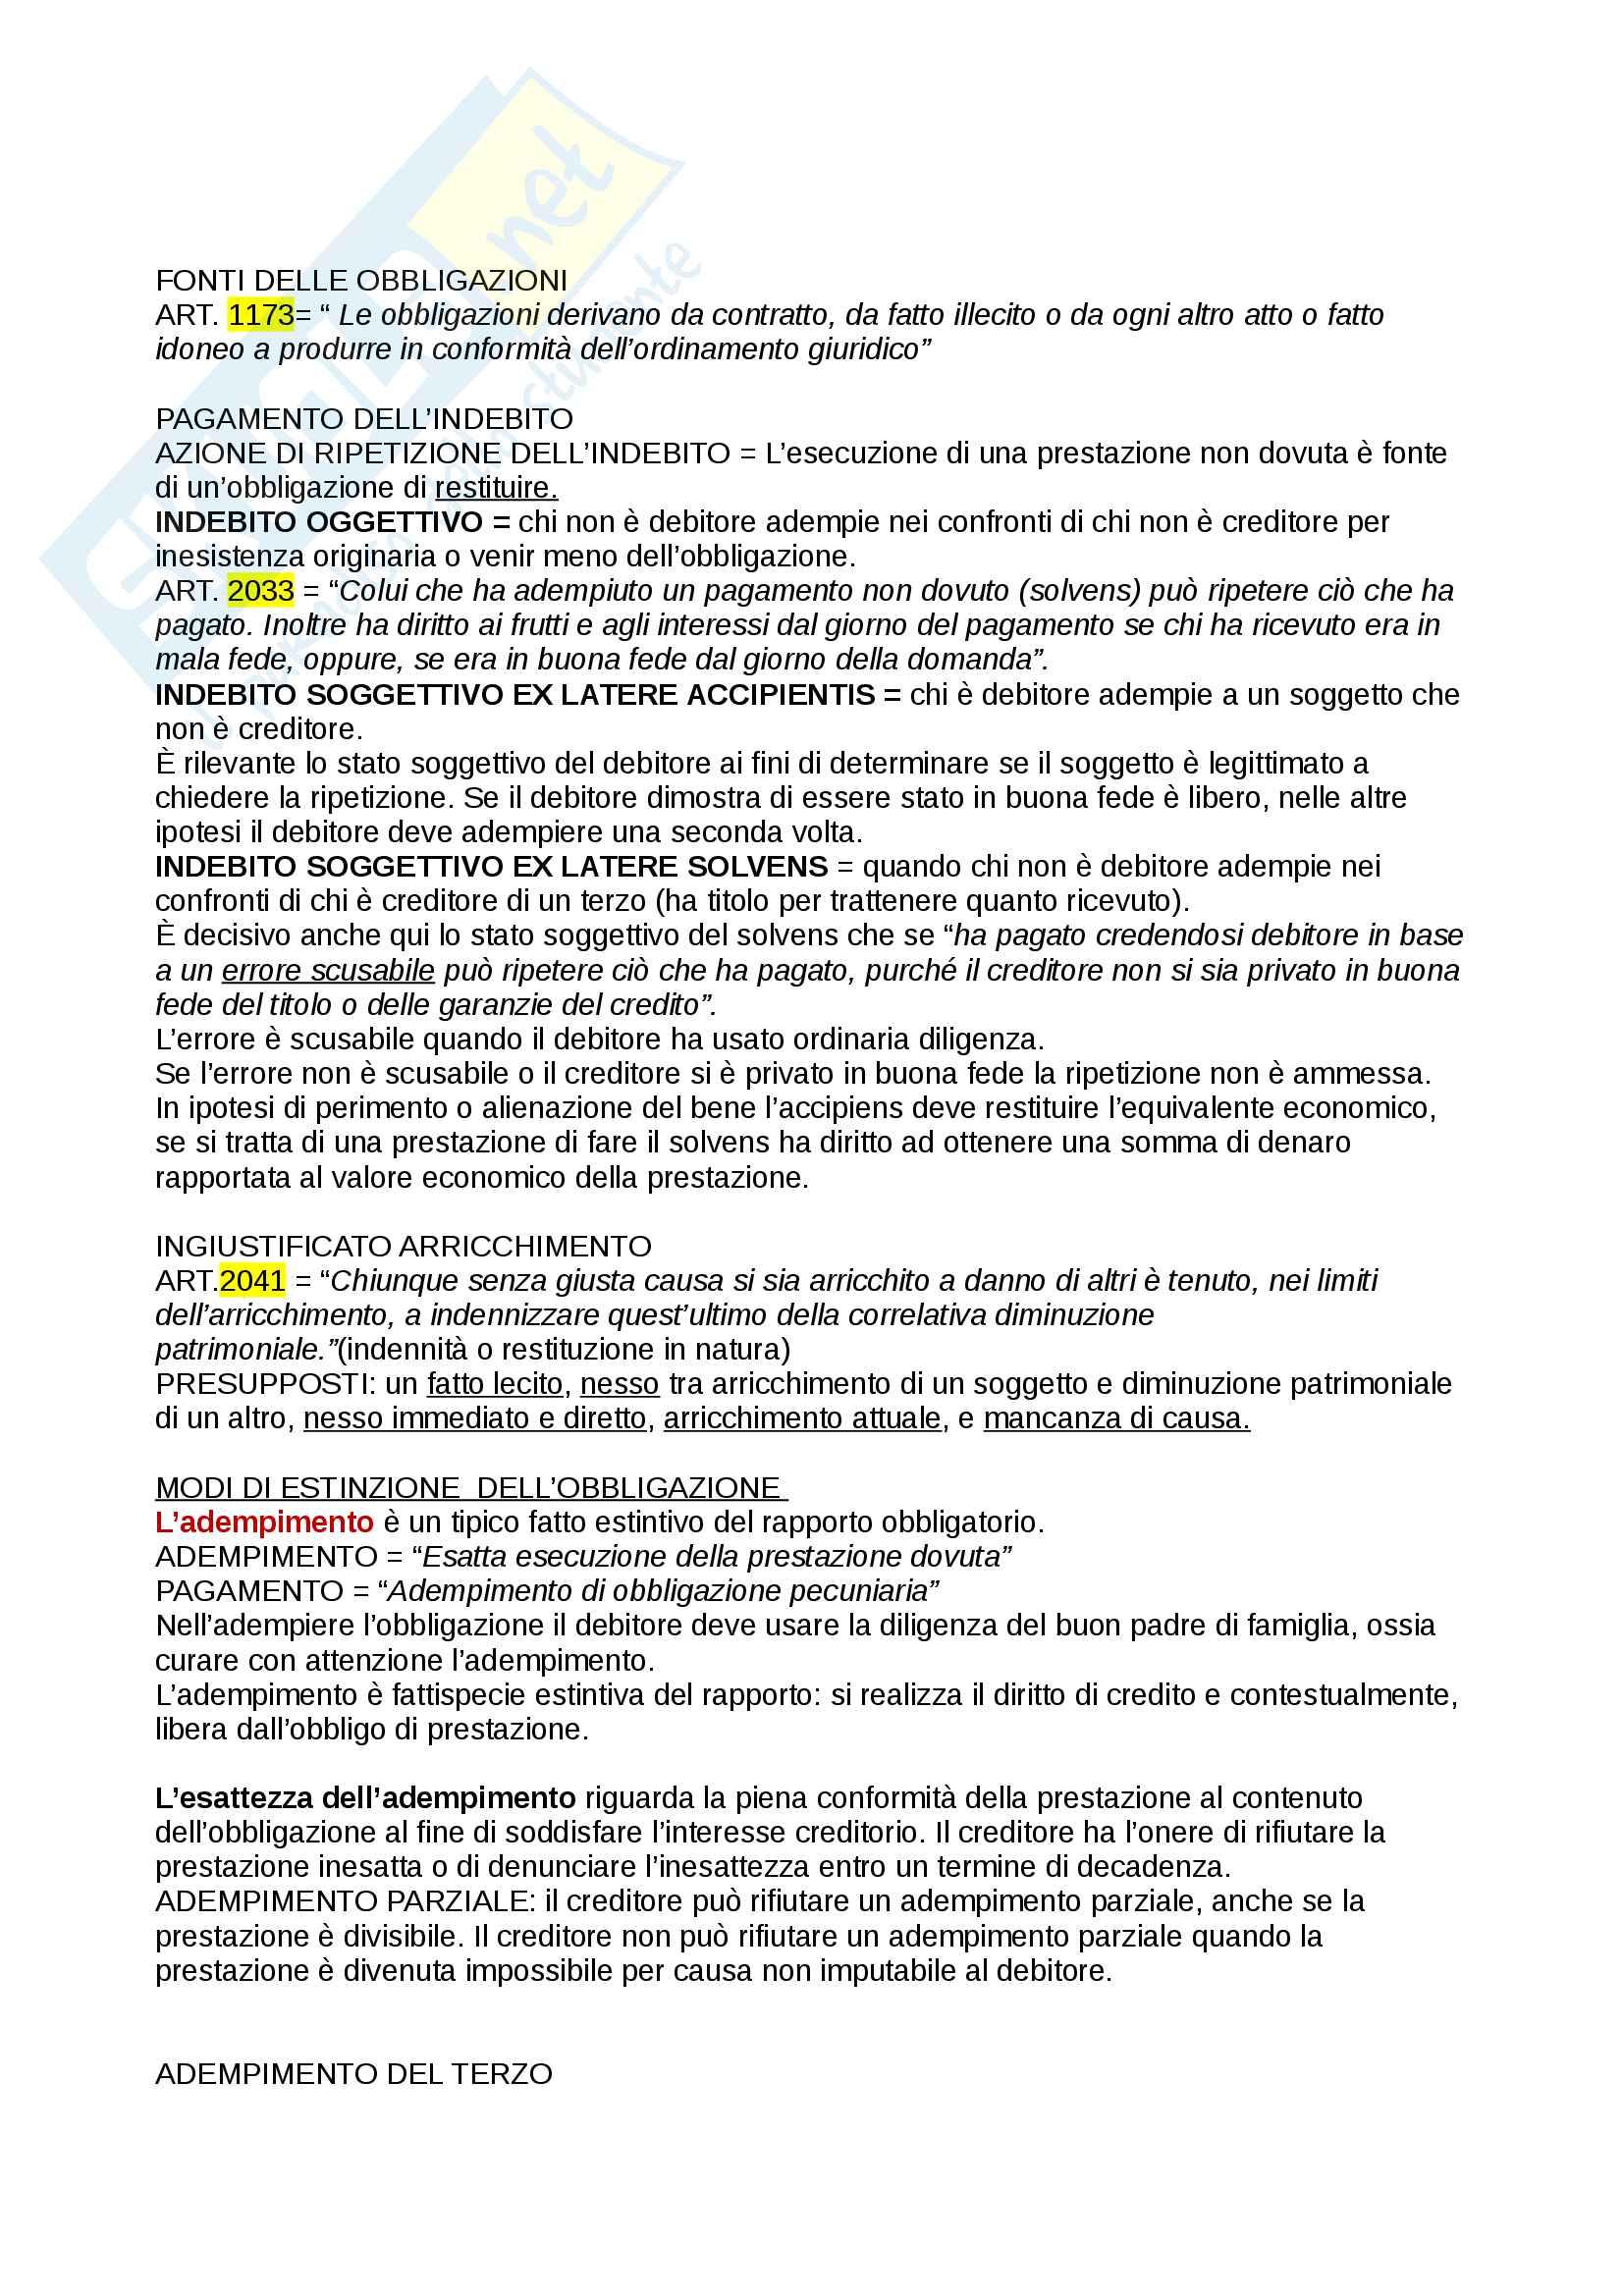 Diritto privato - Obbligazione Pag. 2